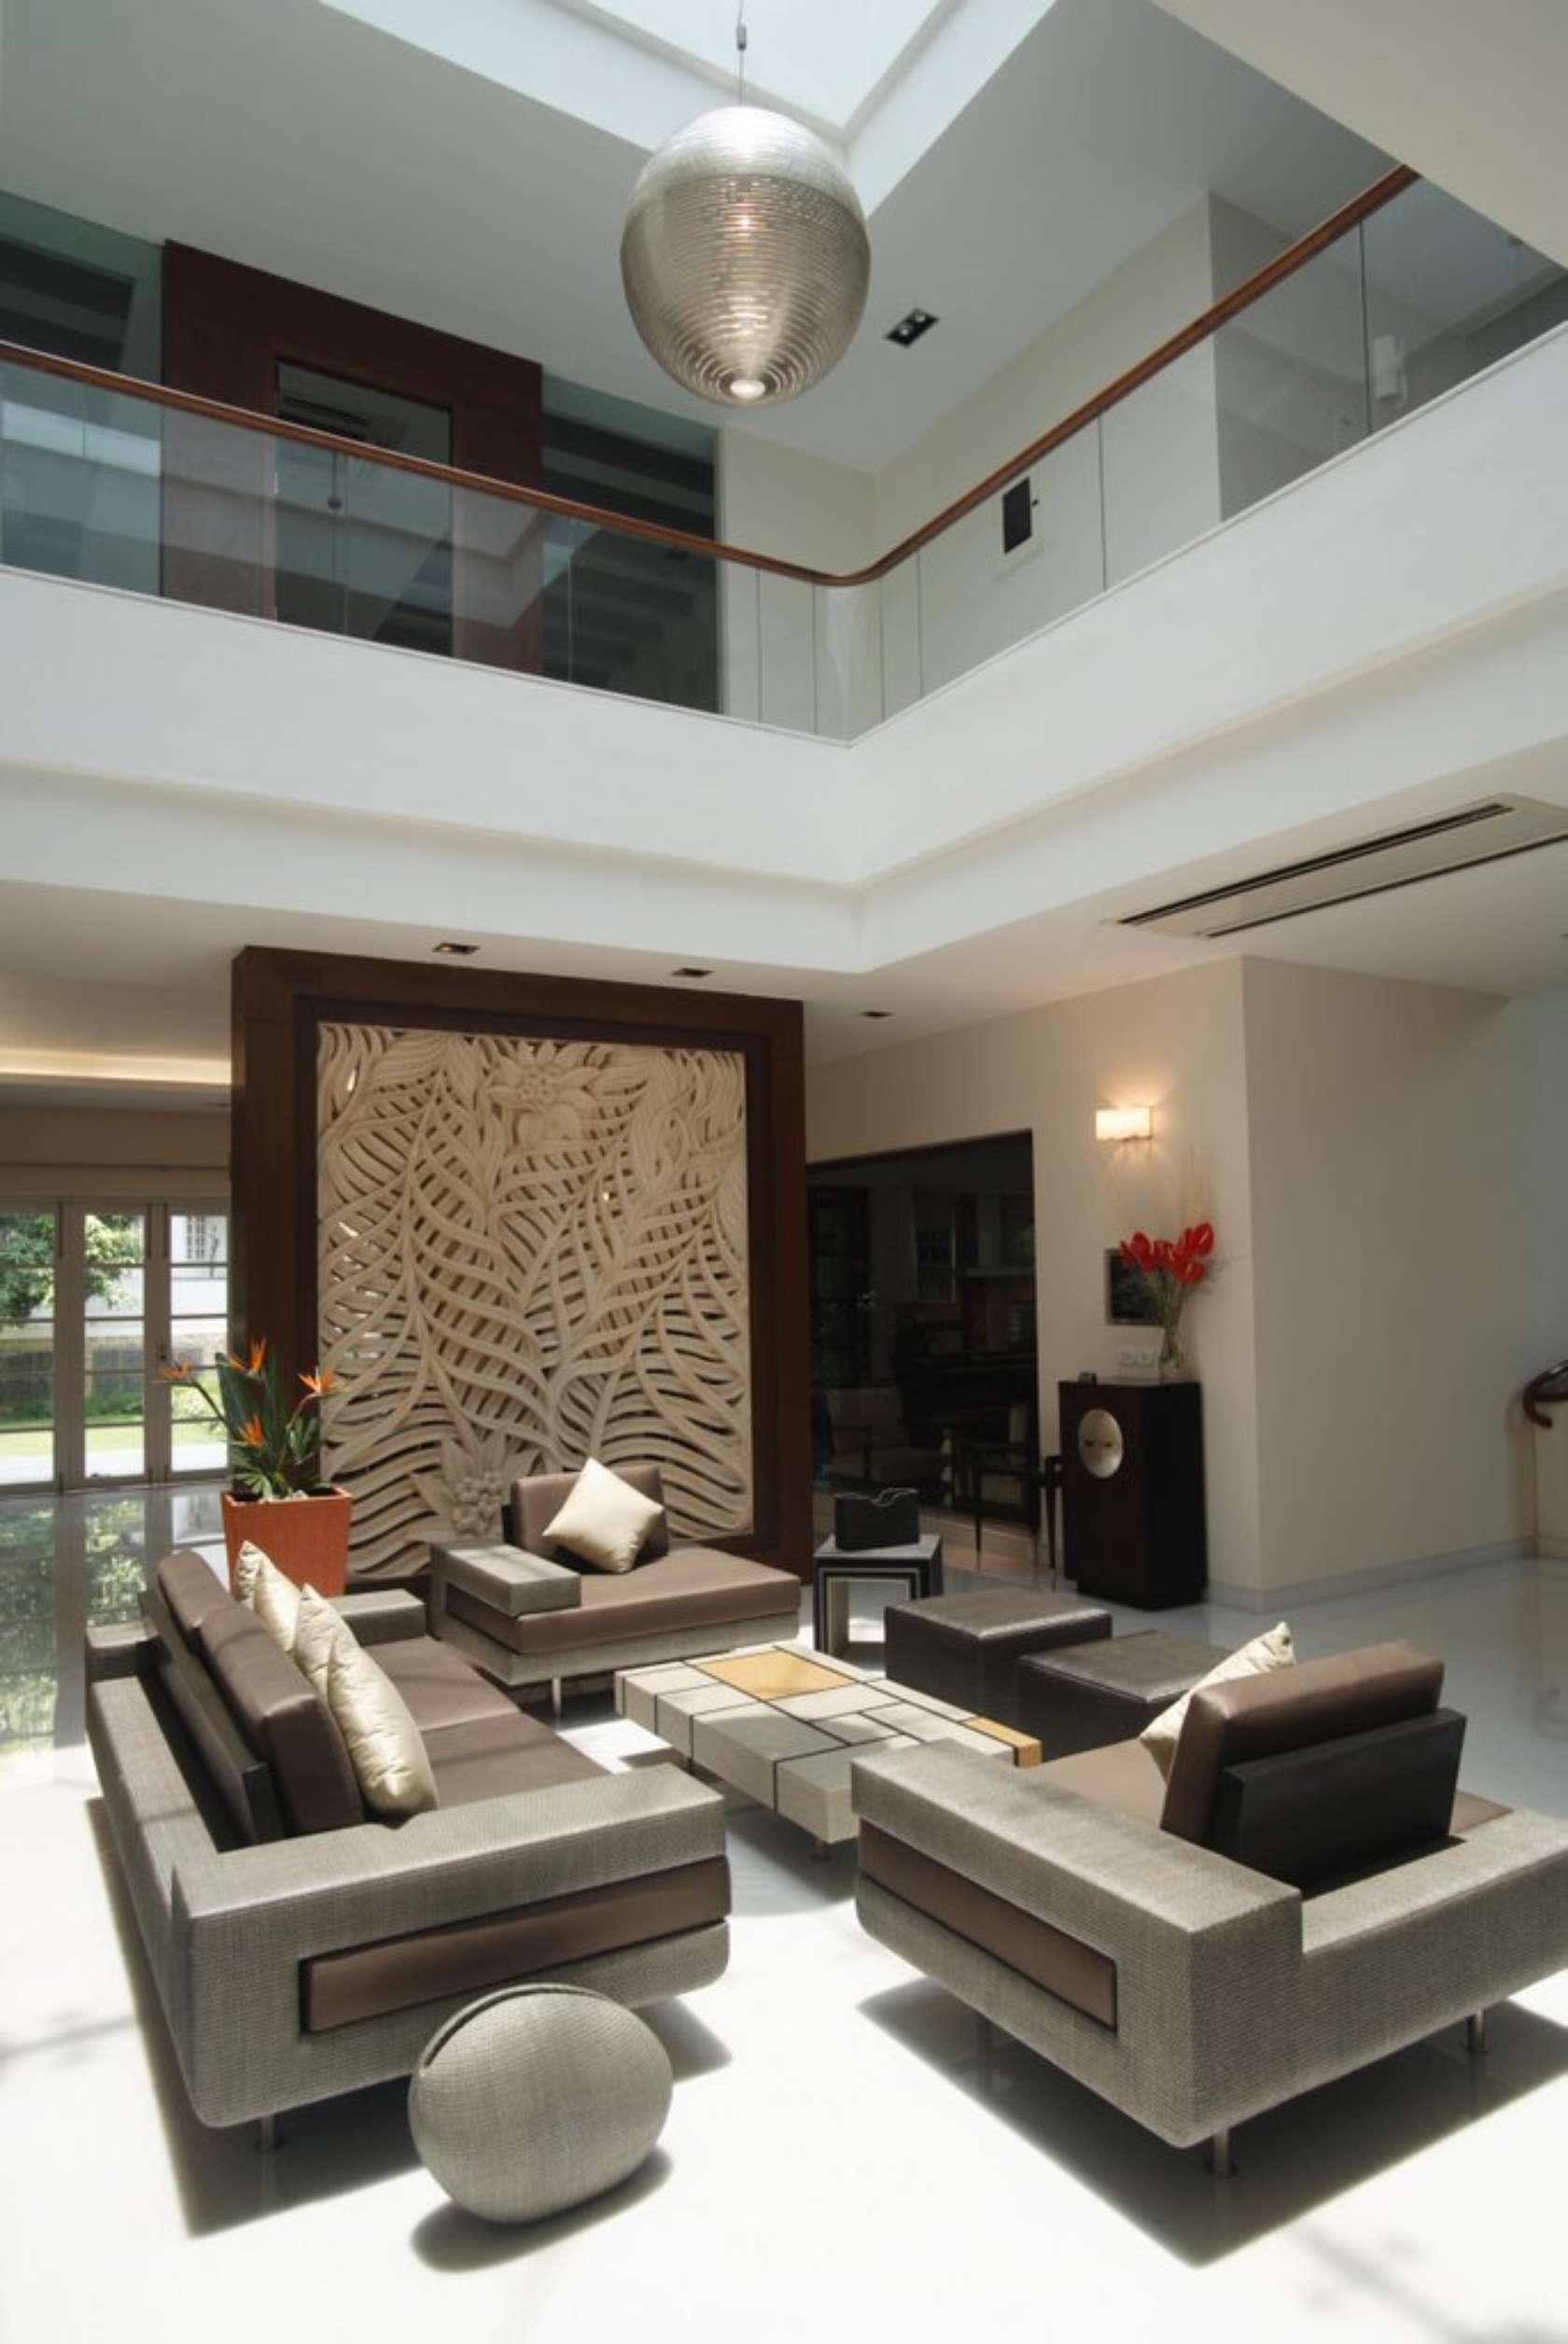 Settipalli residence design contemporaneo e semplicit for Casa di ranch stile artigiano